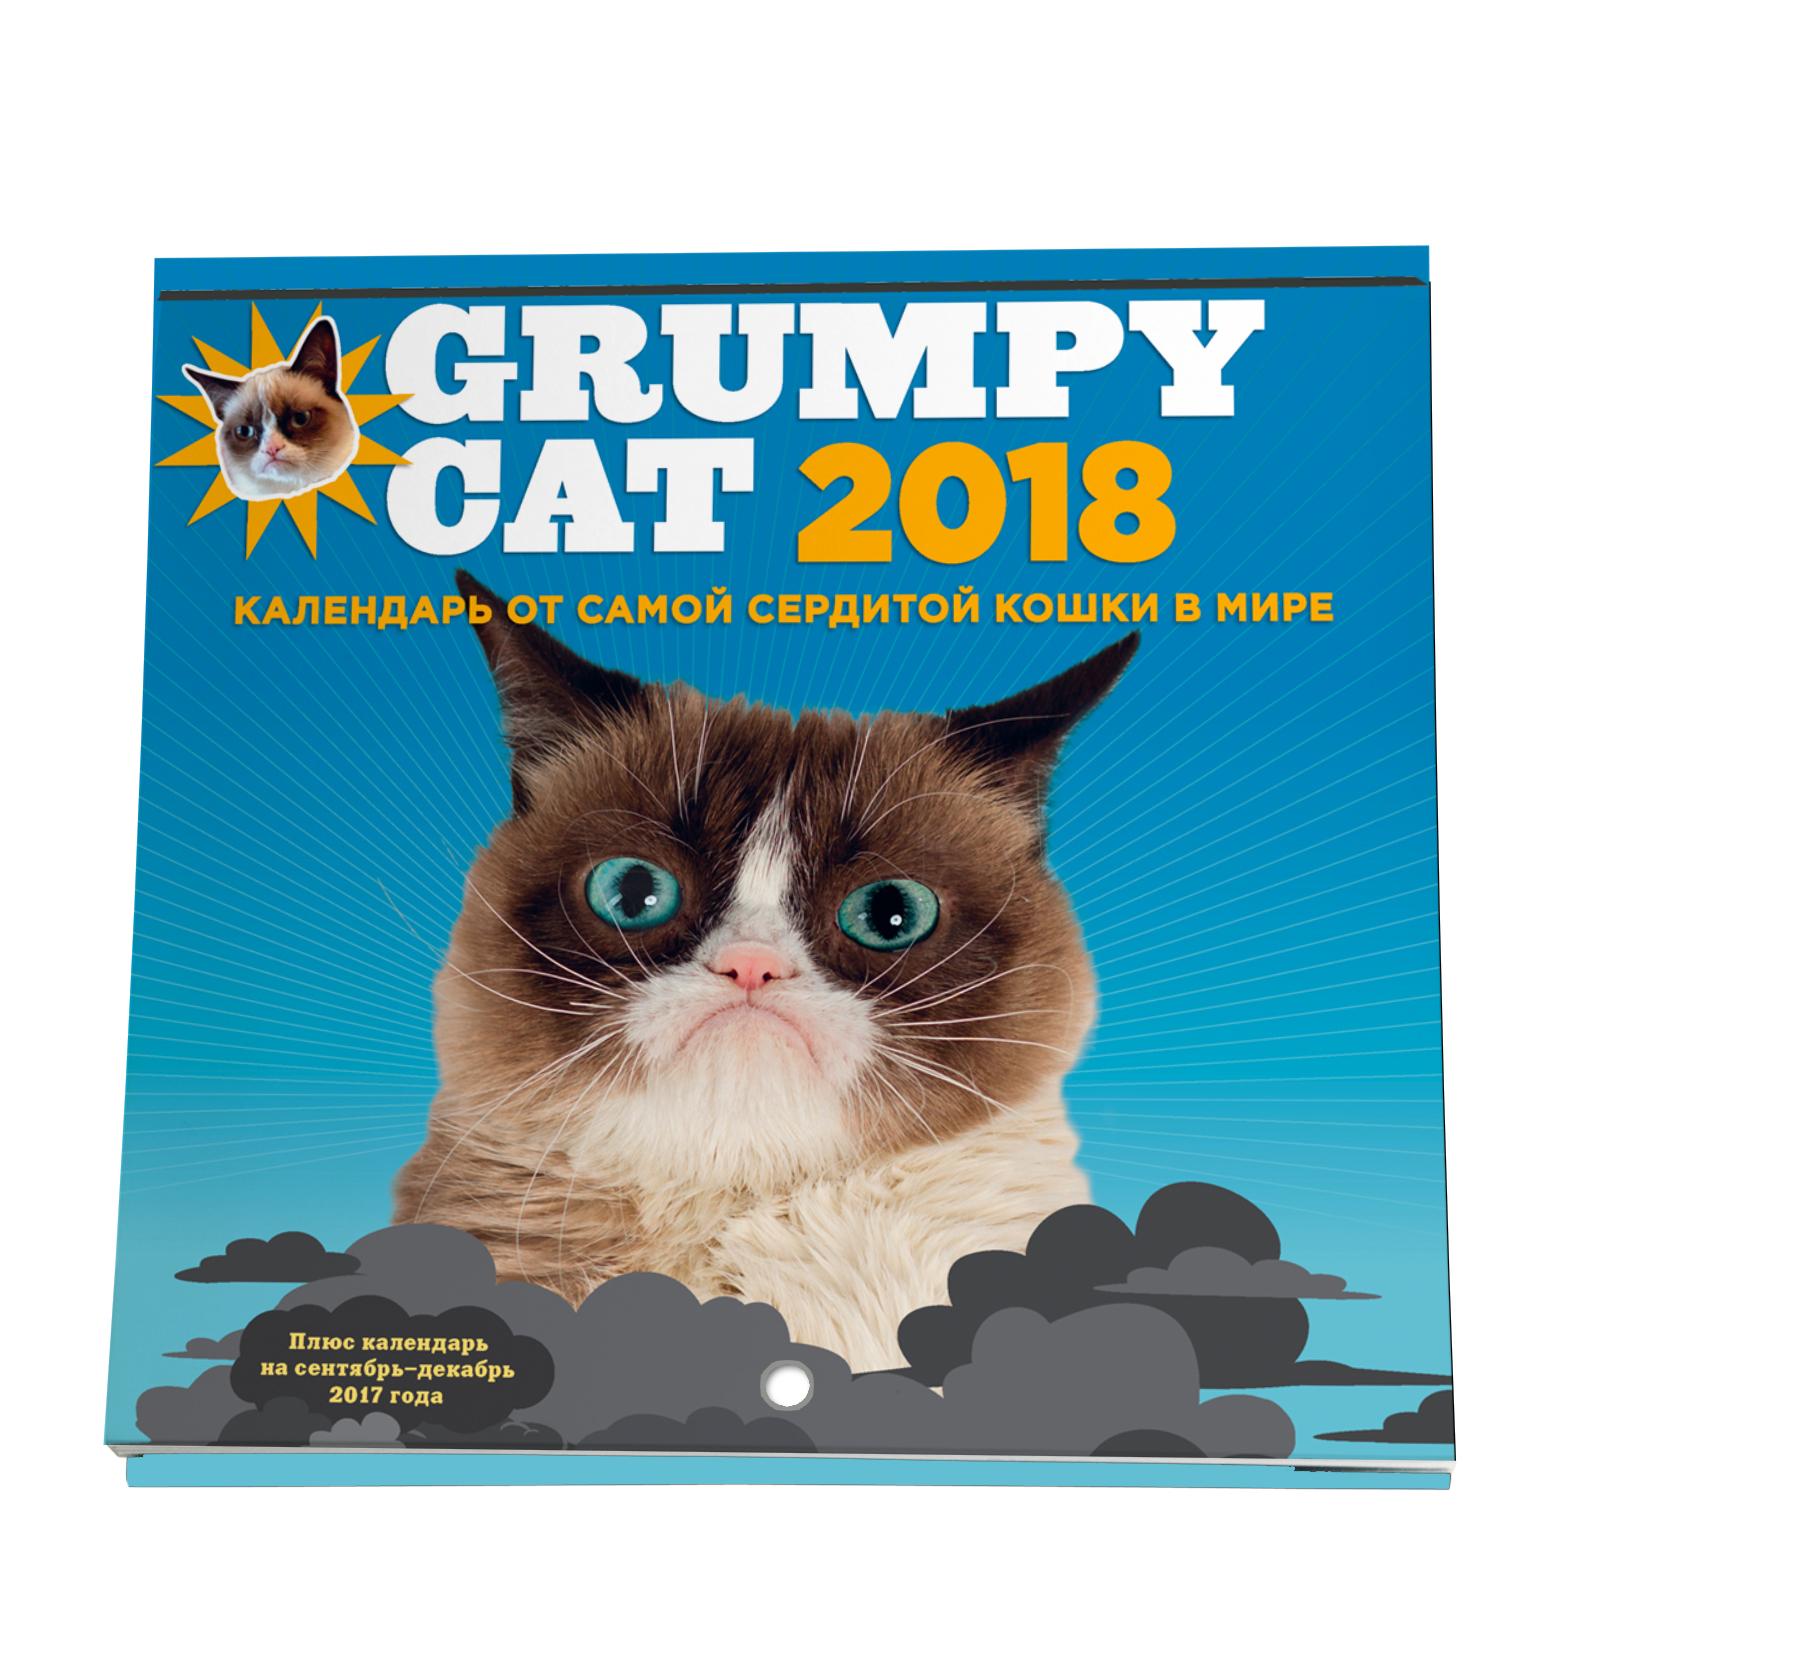 Grumpy Cat 2018. Календарь от самой сердитой кошки в мире